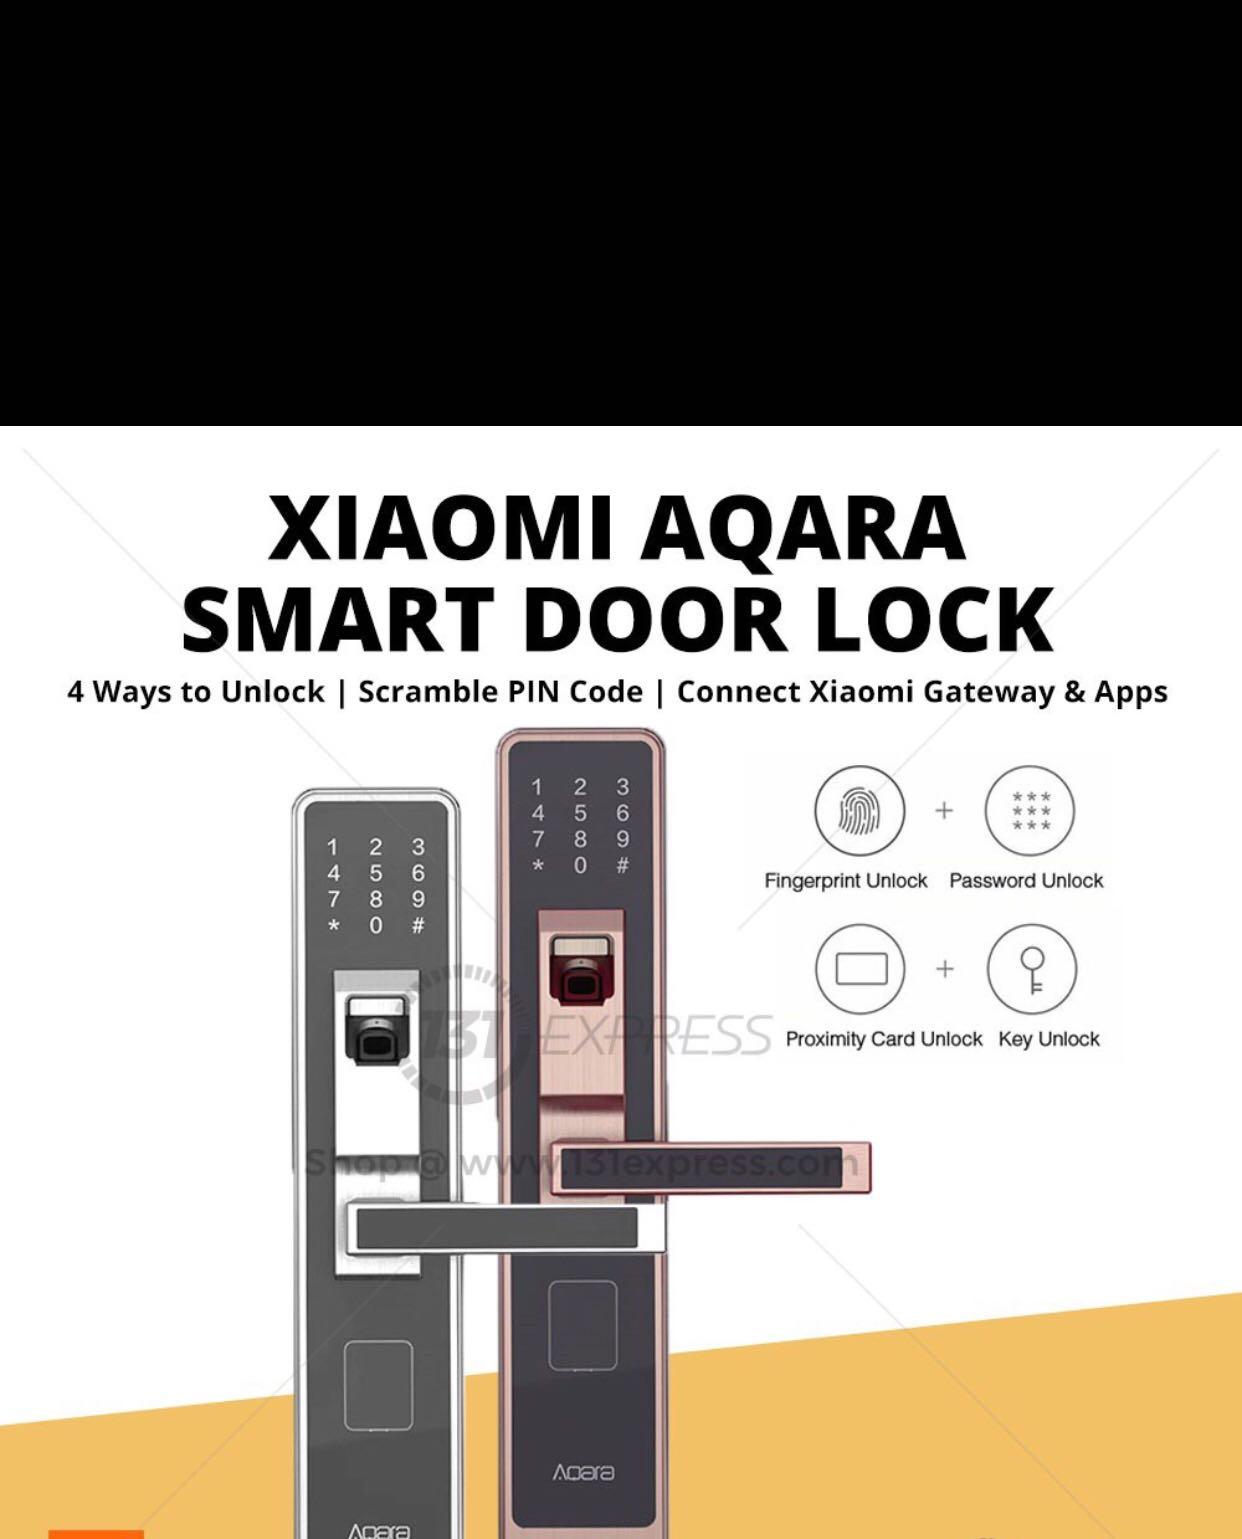 Xiaomi Aqara Smart Door Lock